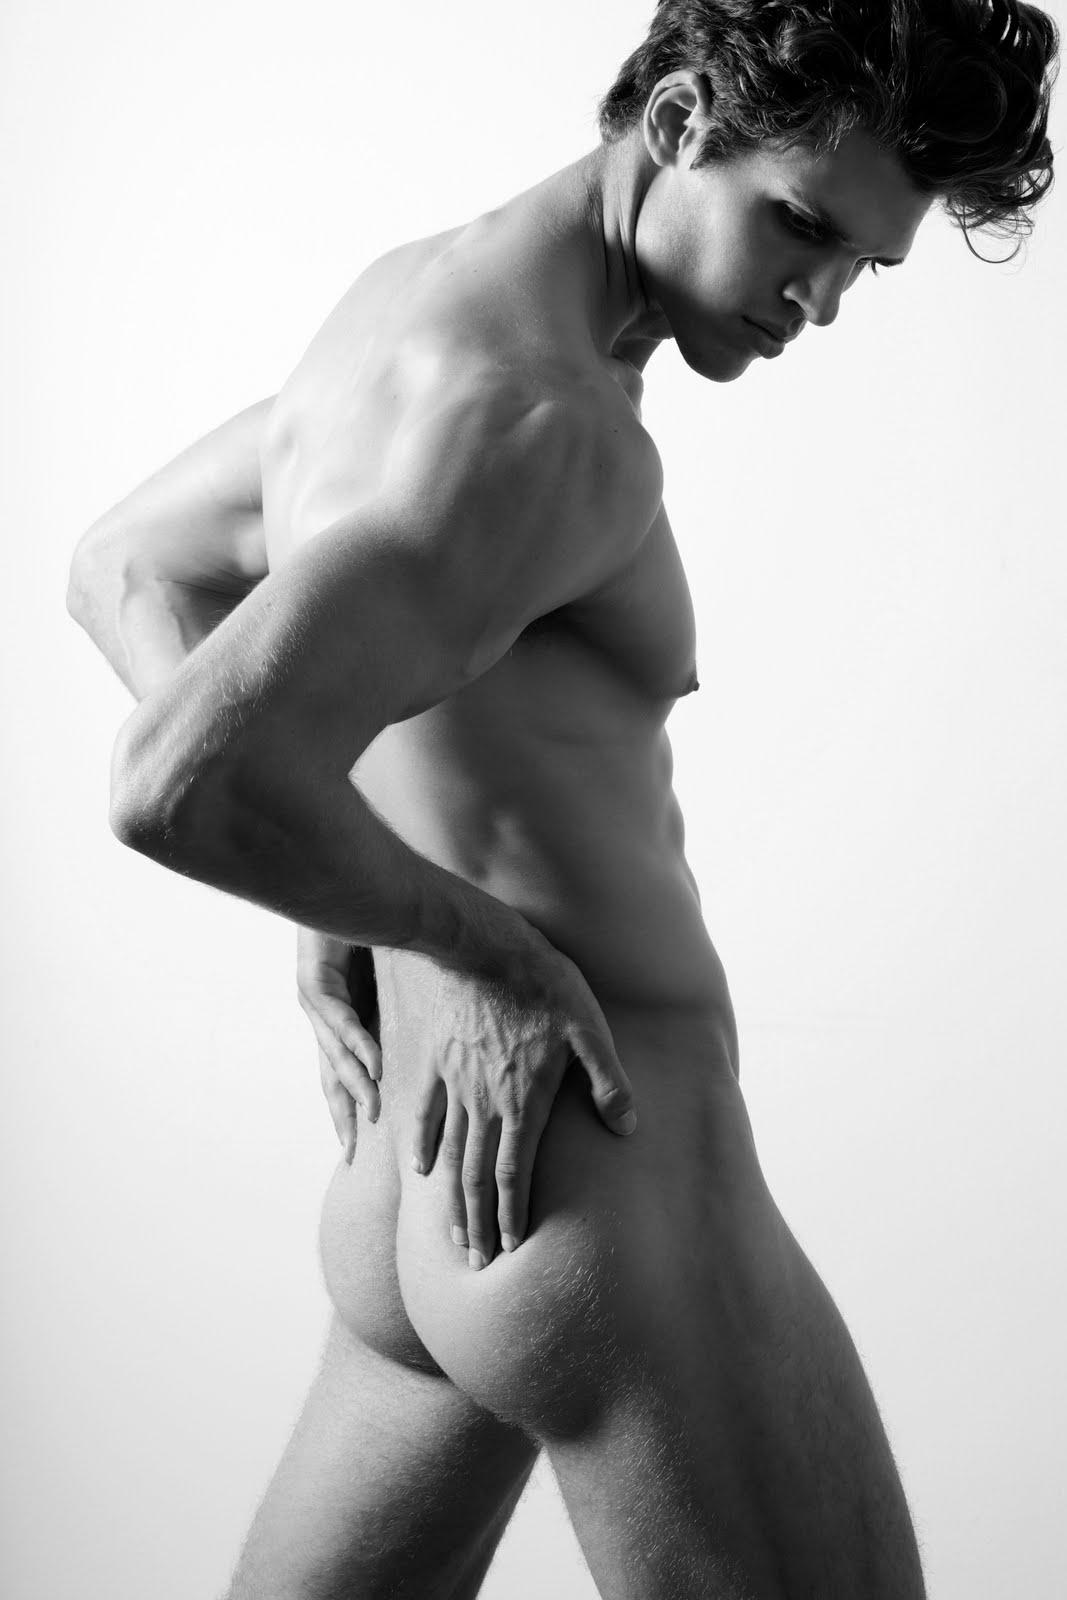 красивые мужчины голые другую спрашивает кто